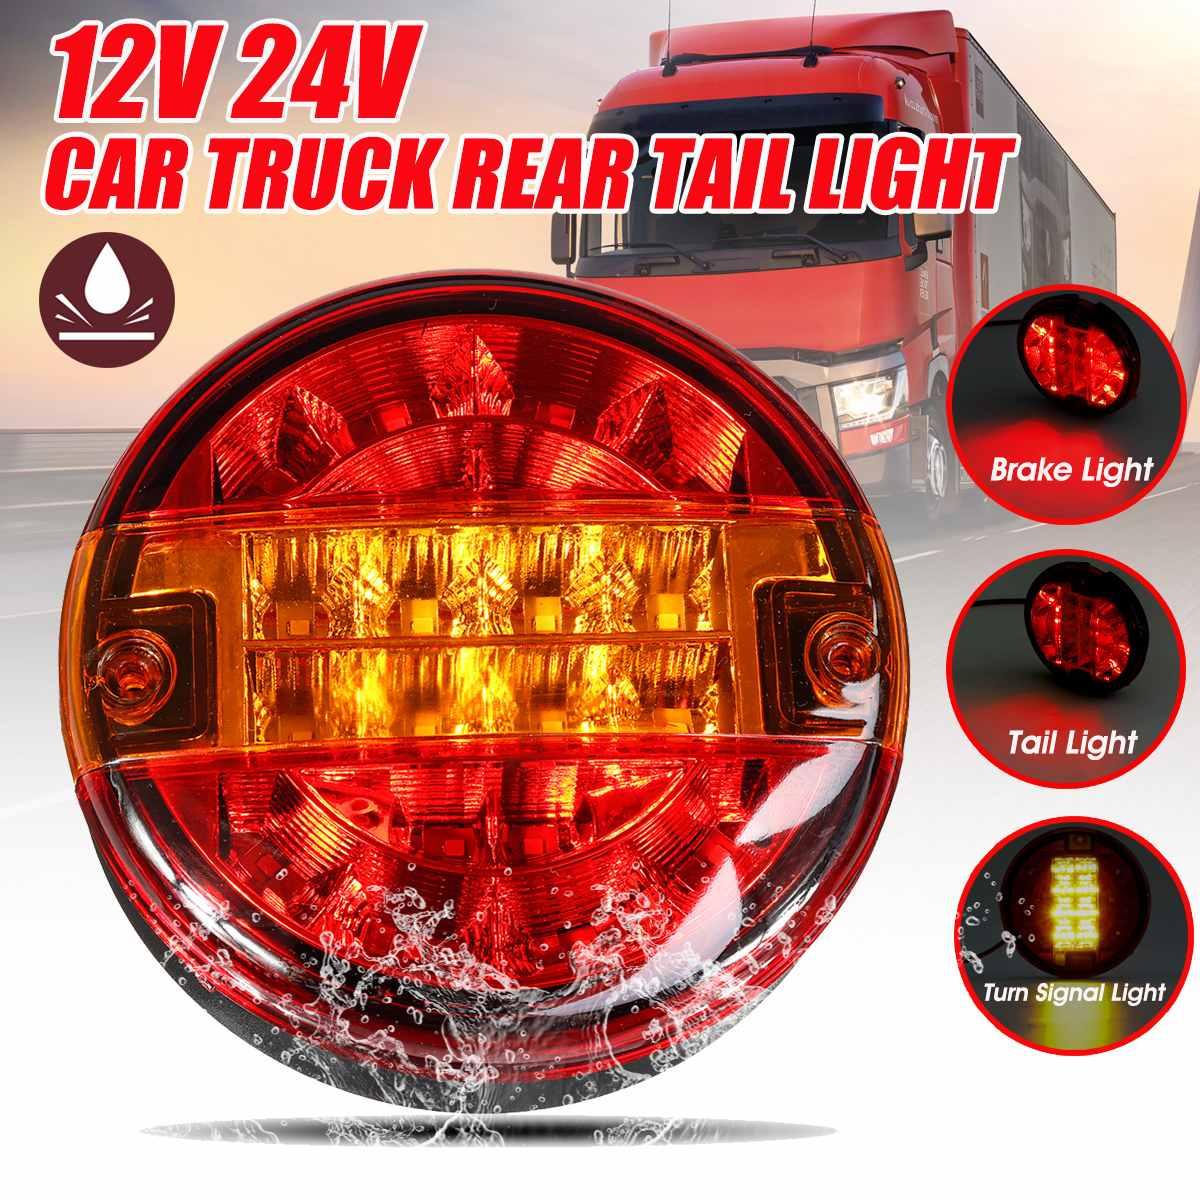 트럭 트럭 밴 트레일러에 대 한 12V 24V LED 테일 라이트 후면 브레이크 라이트 차례 신호 램프 라운드 햄버거 램프